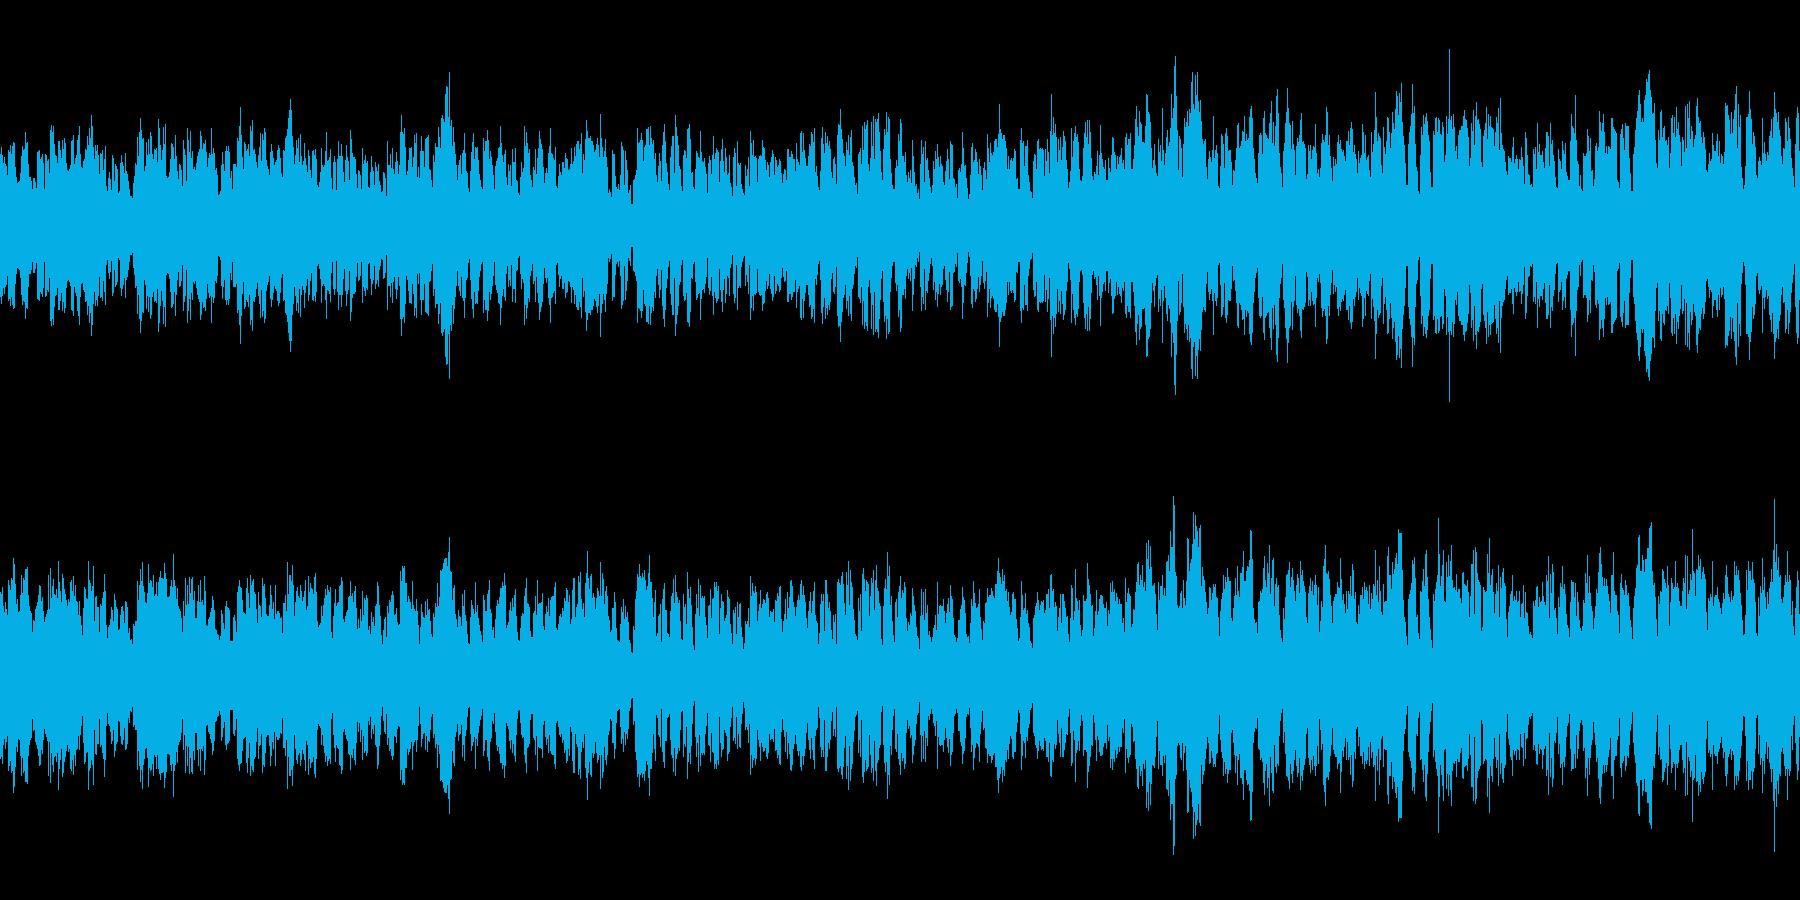 悪の城 (ループ仕様)の再生済みの波形